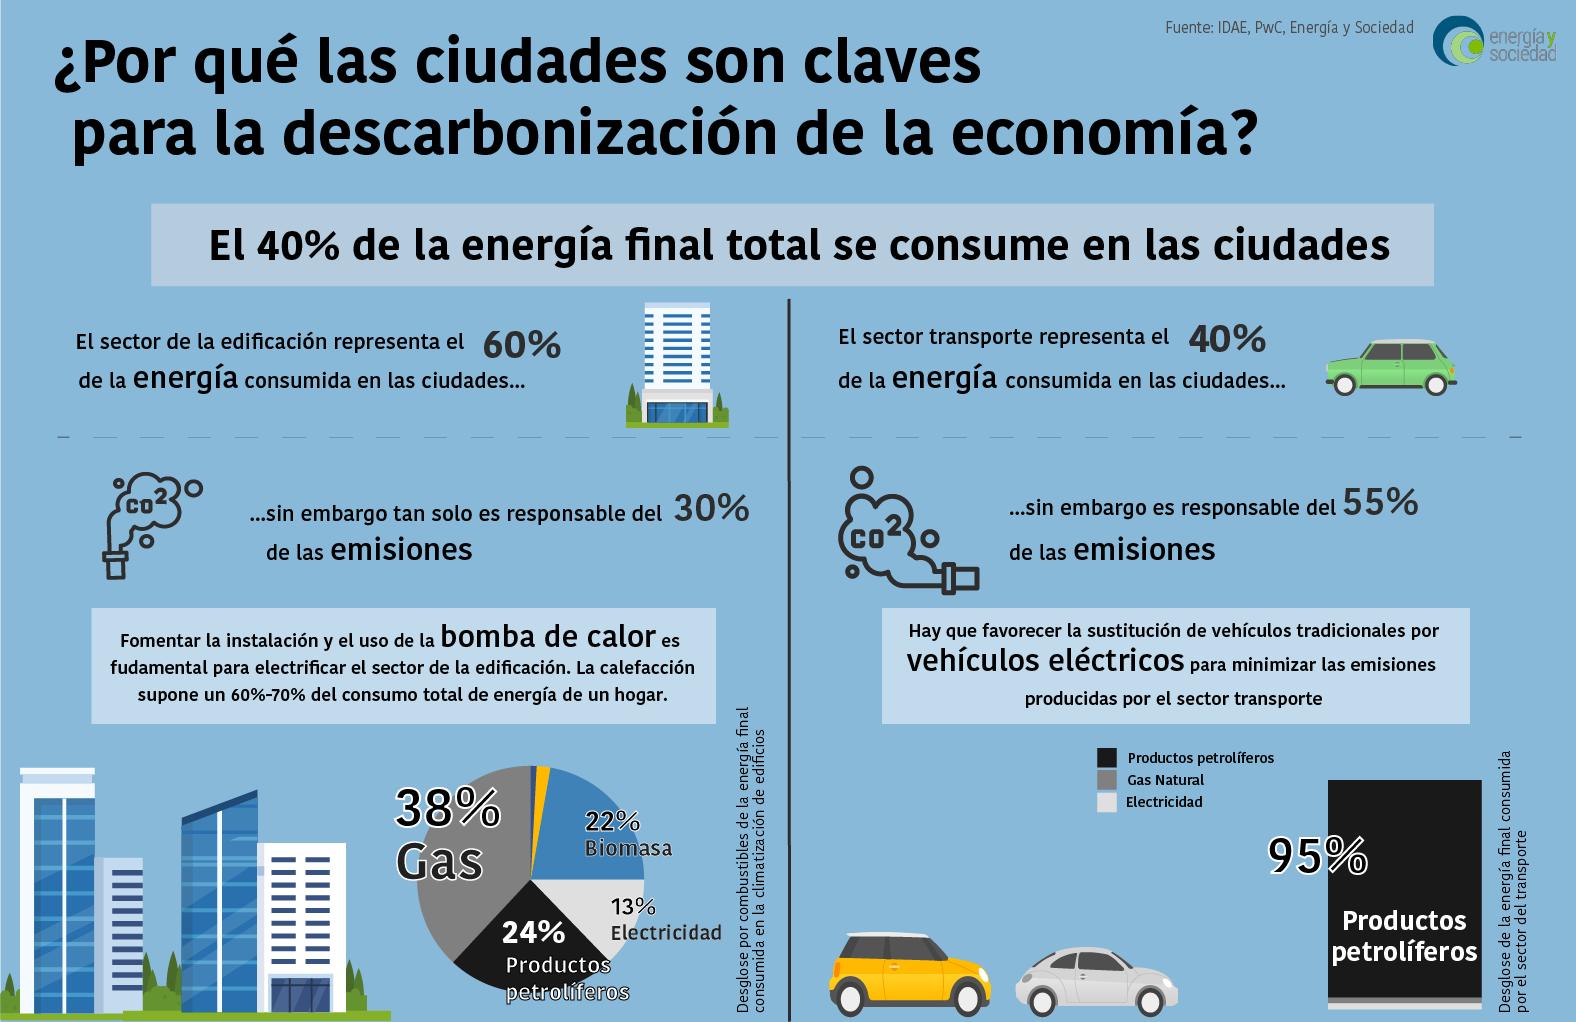 EyS - Infografía Descarbonizacion ciudades